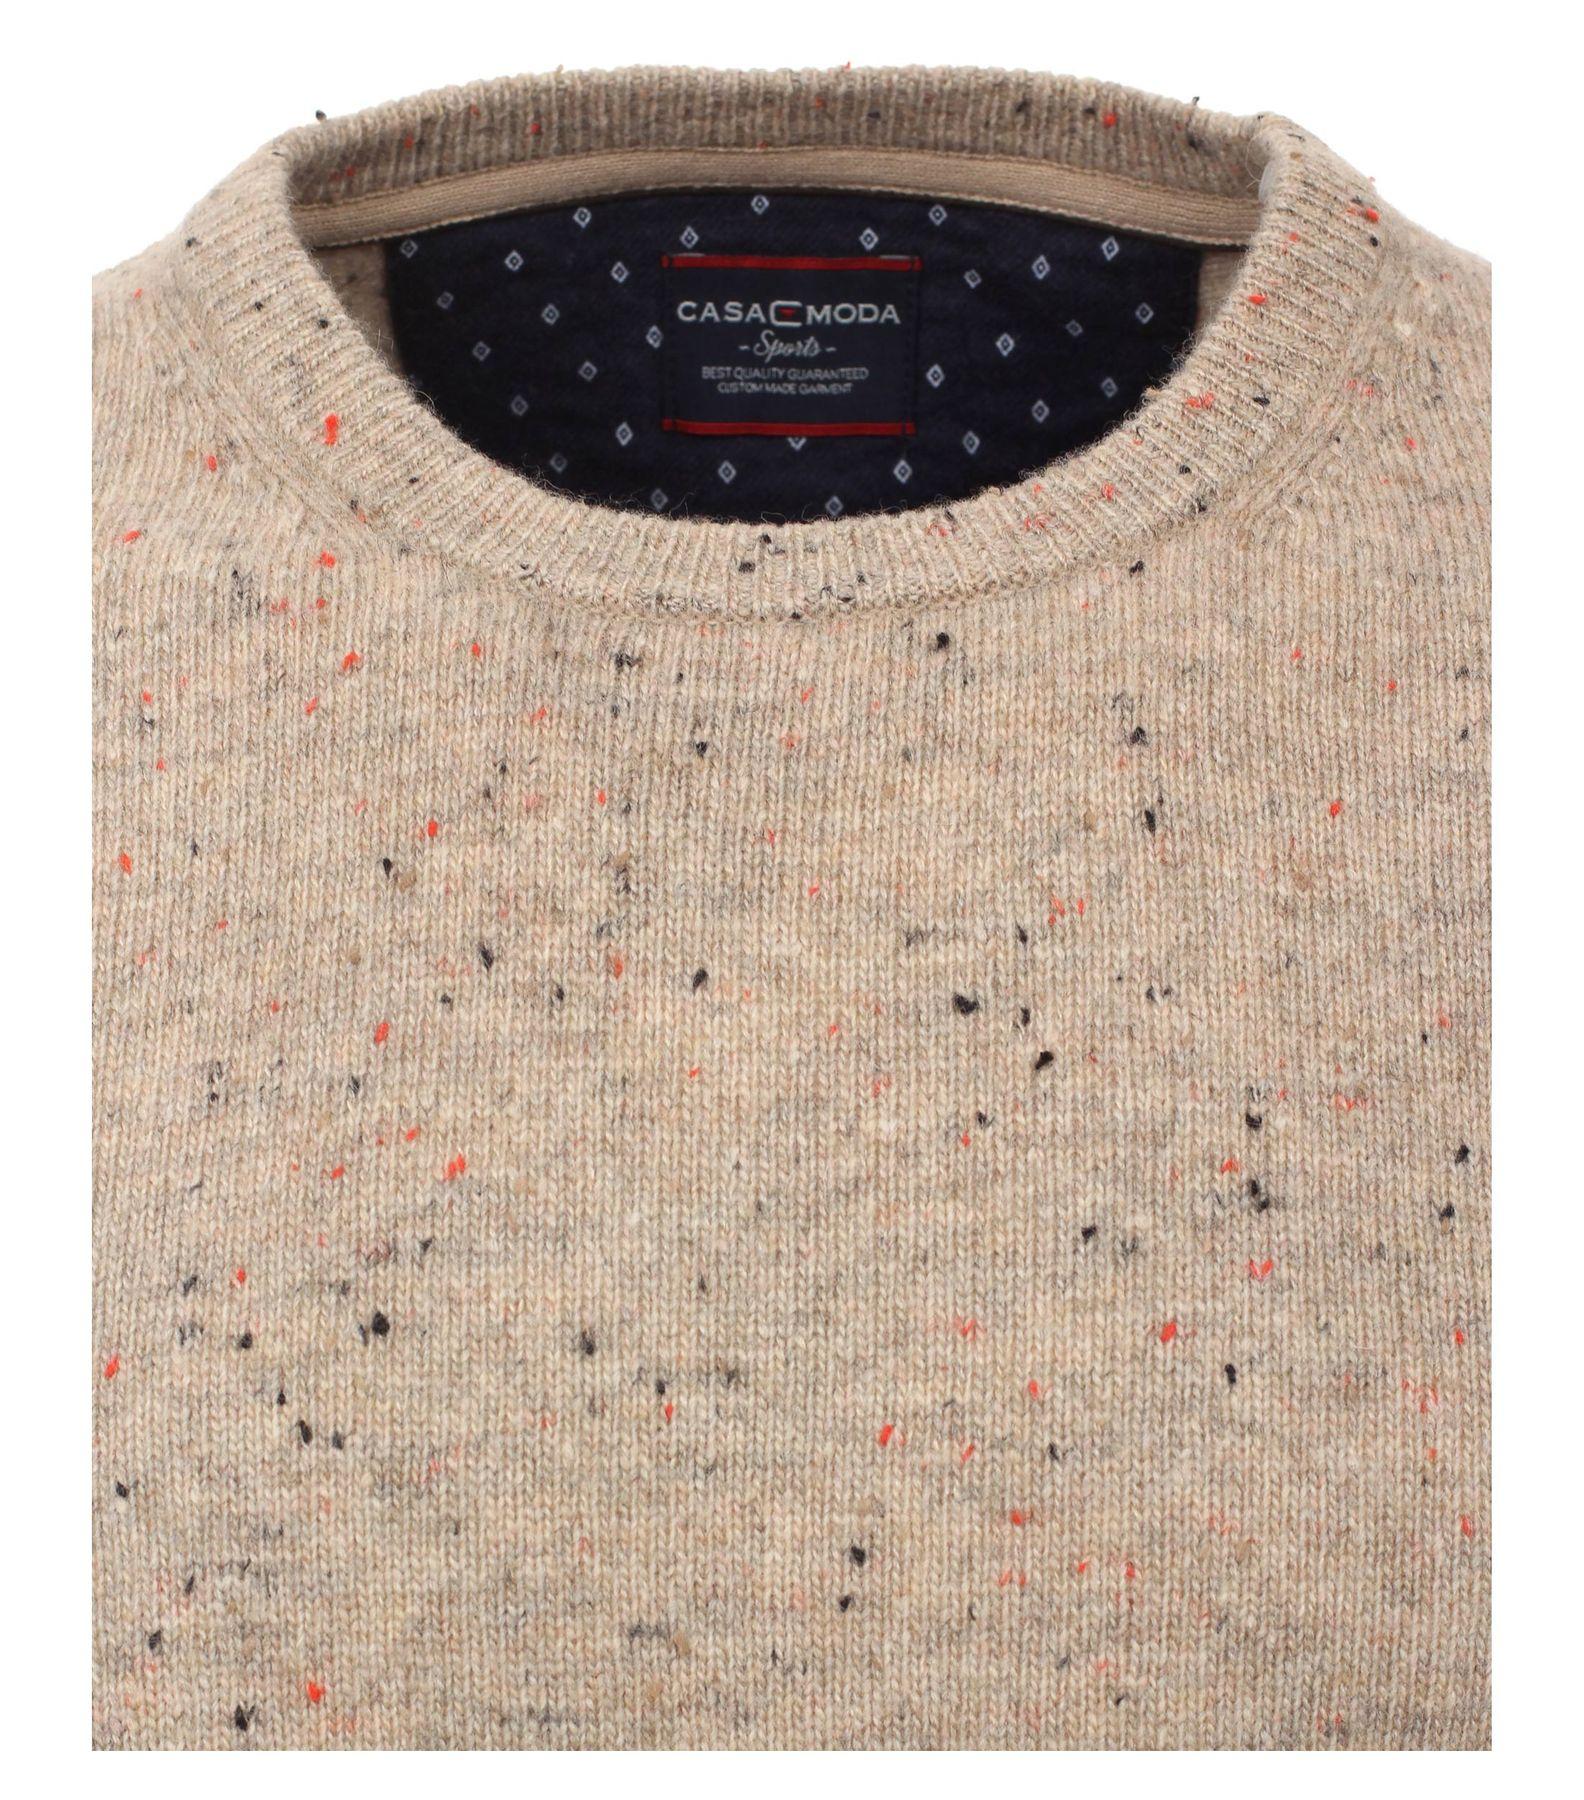 Casa Moda - Herren Pullover mit Rundhalsausschnitt in verschiedenen Farben (462536200A) – Bild 17